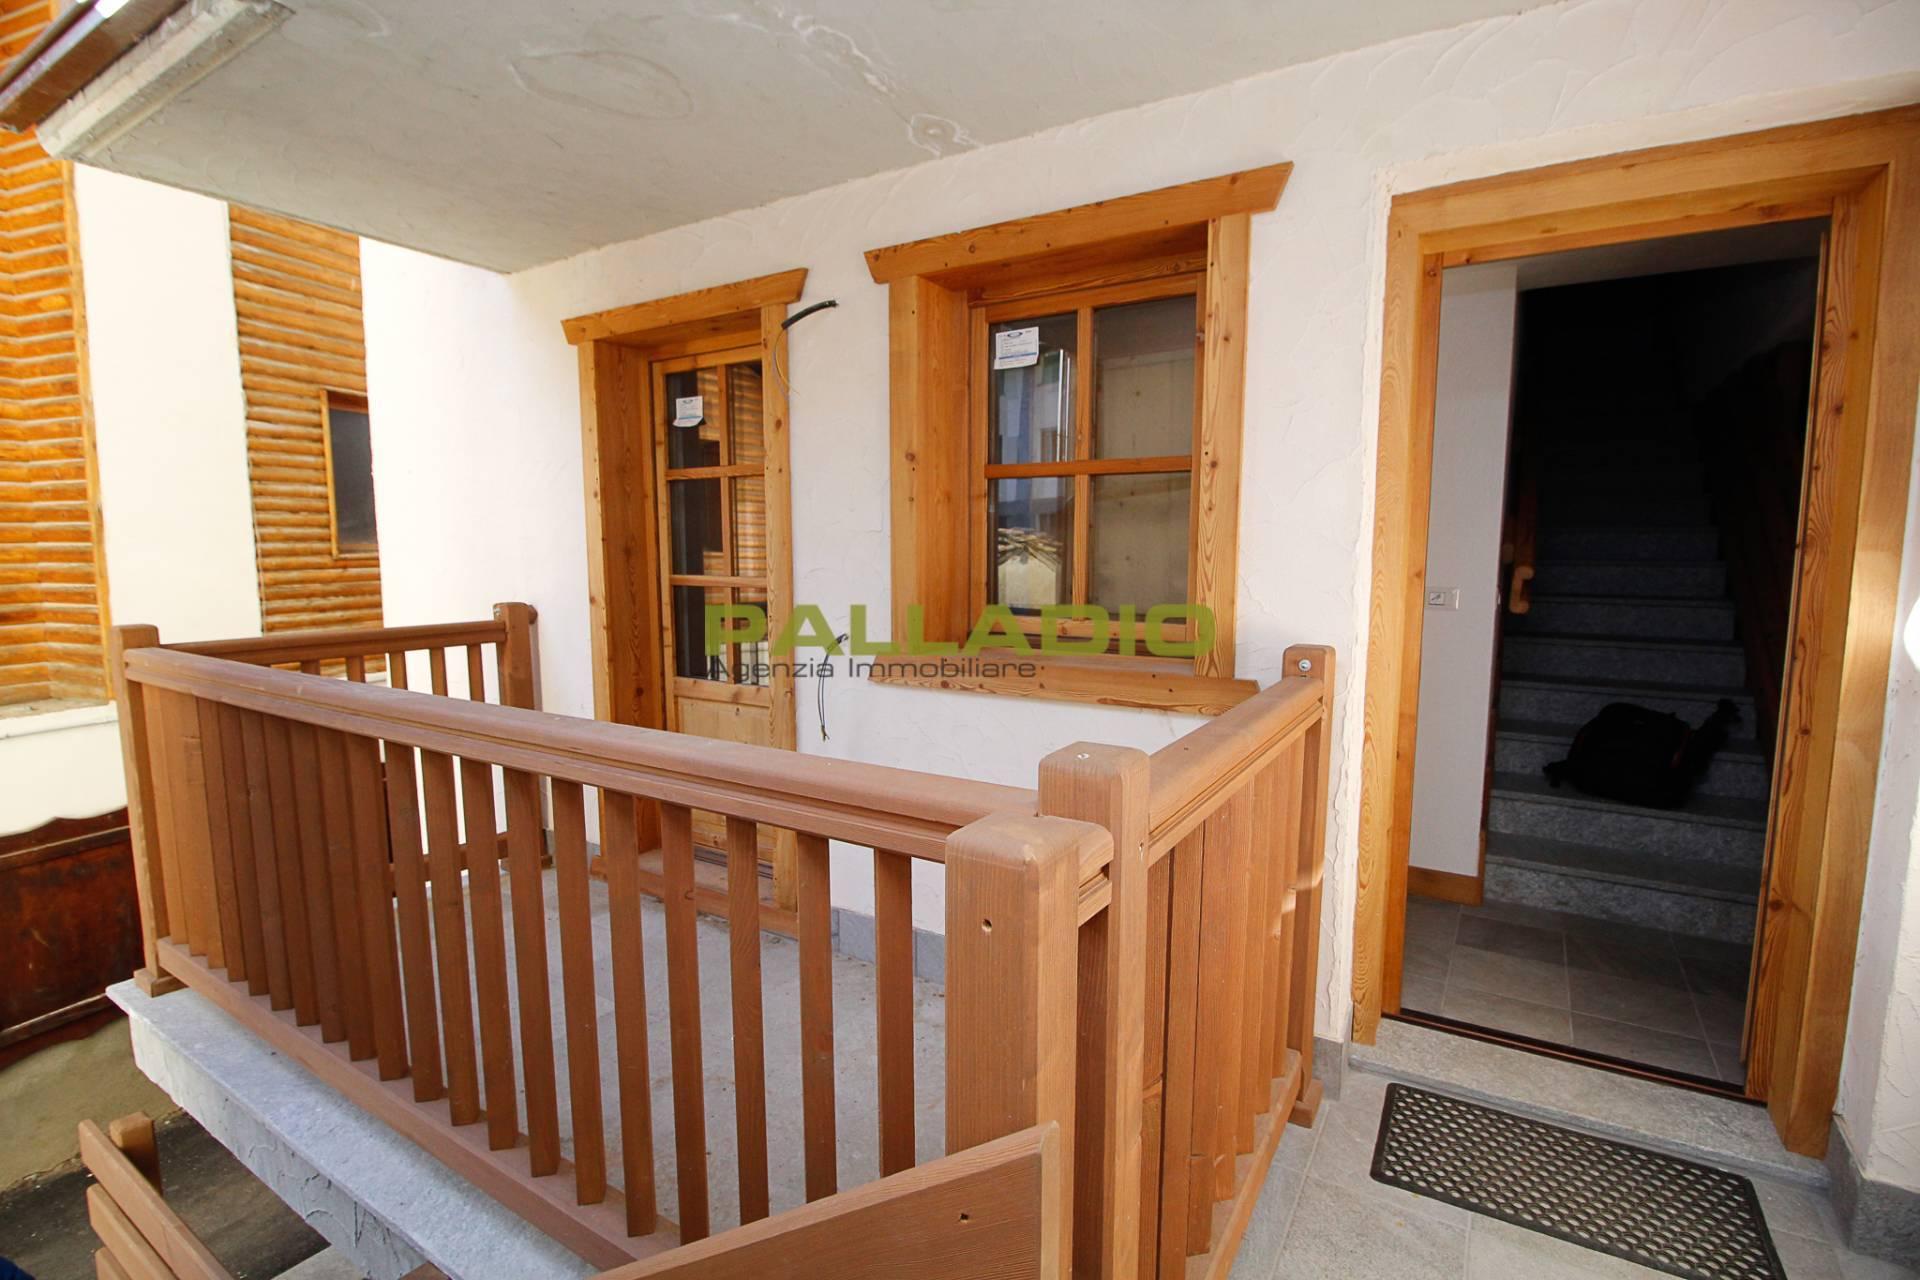 Appartamento in vendita a Cogne, 1 locali, prezzo € 180.000 | CambioCasa.it